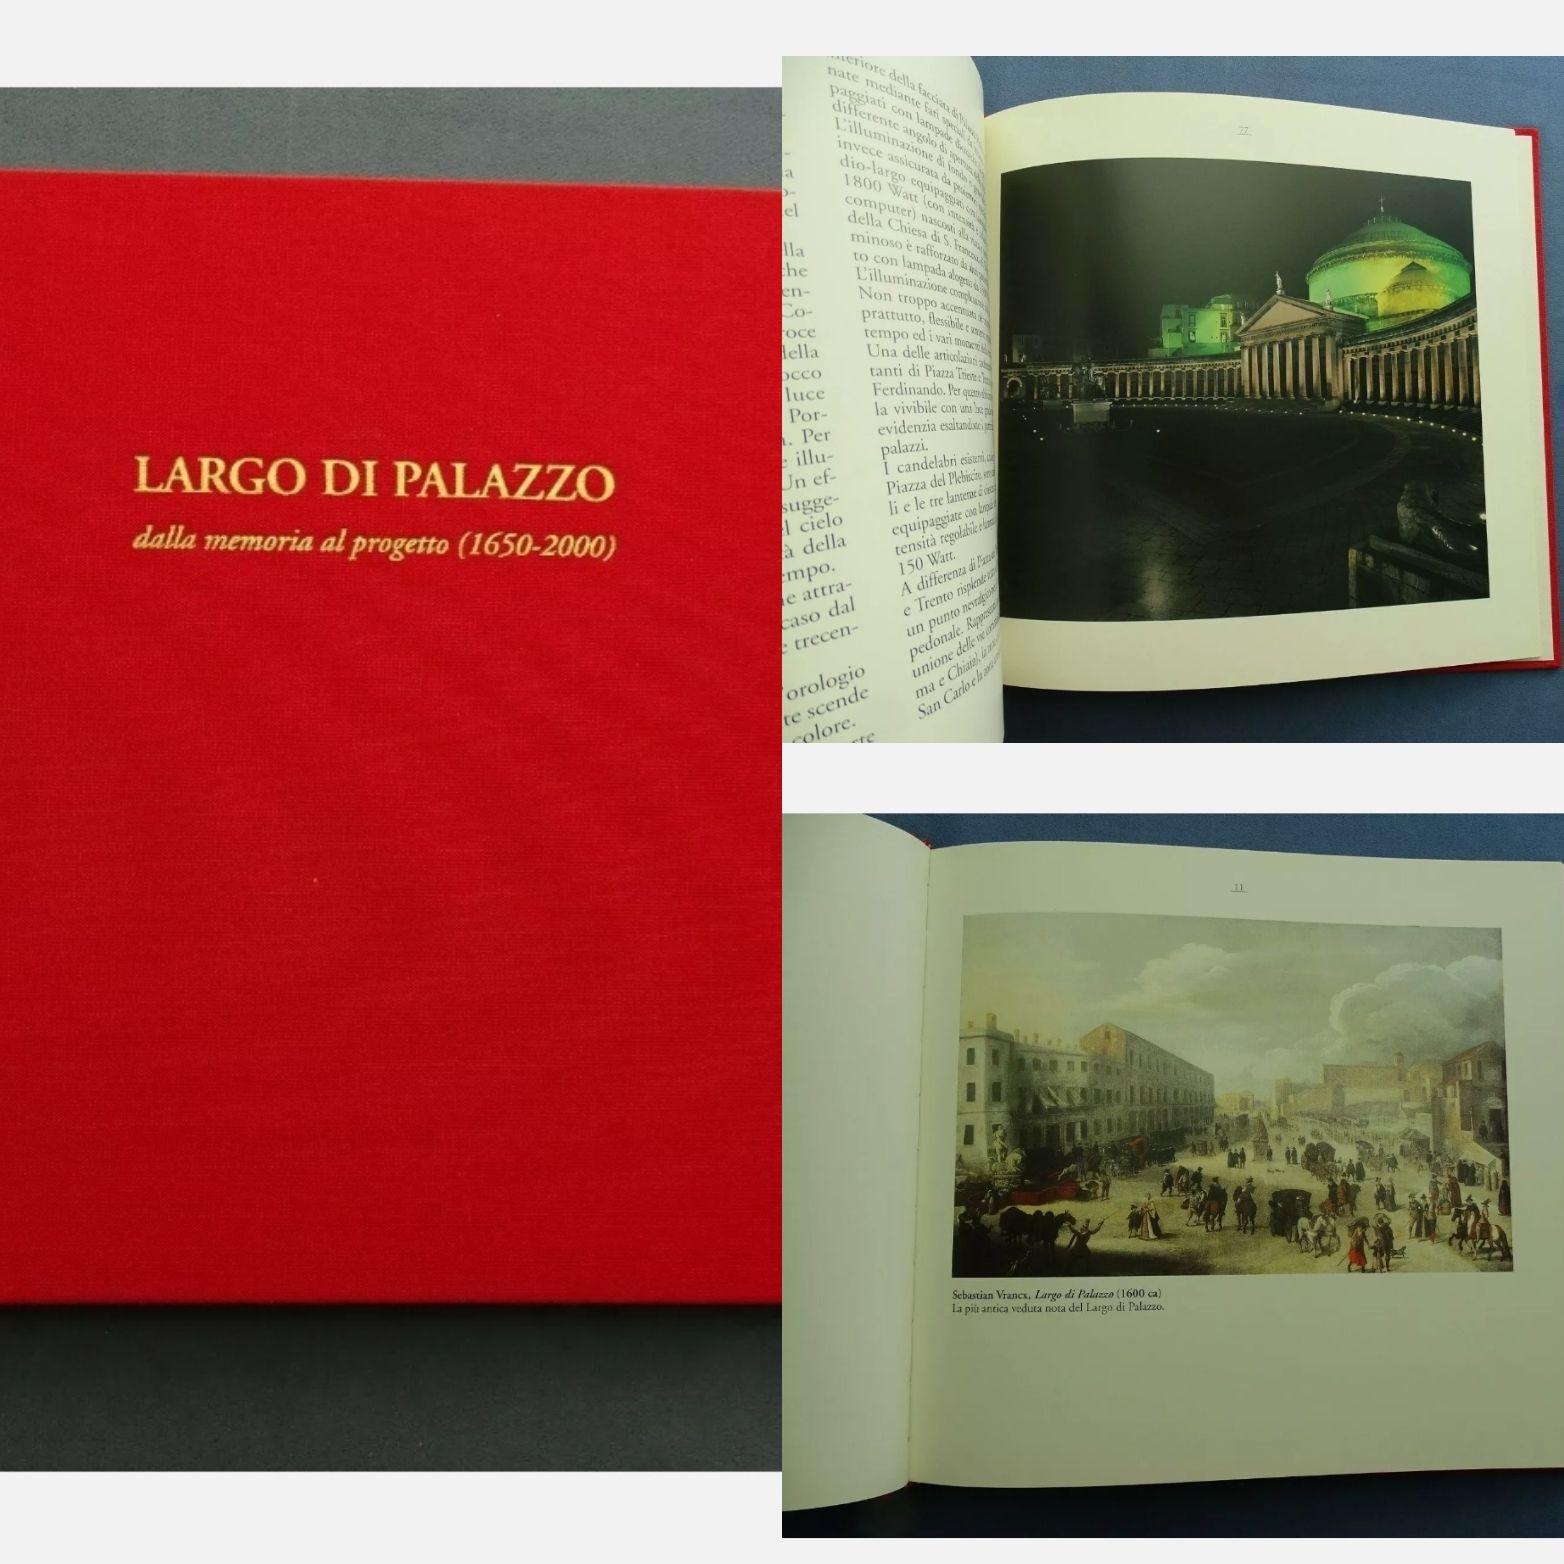 Largo di Palazzo. Dalla memoria al progetto (1650-2000): storia di una riqualifica urbana